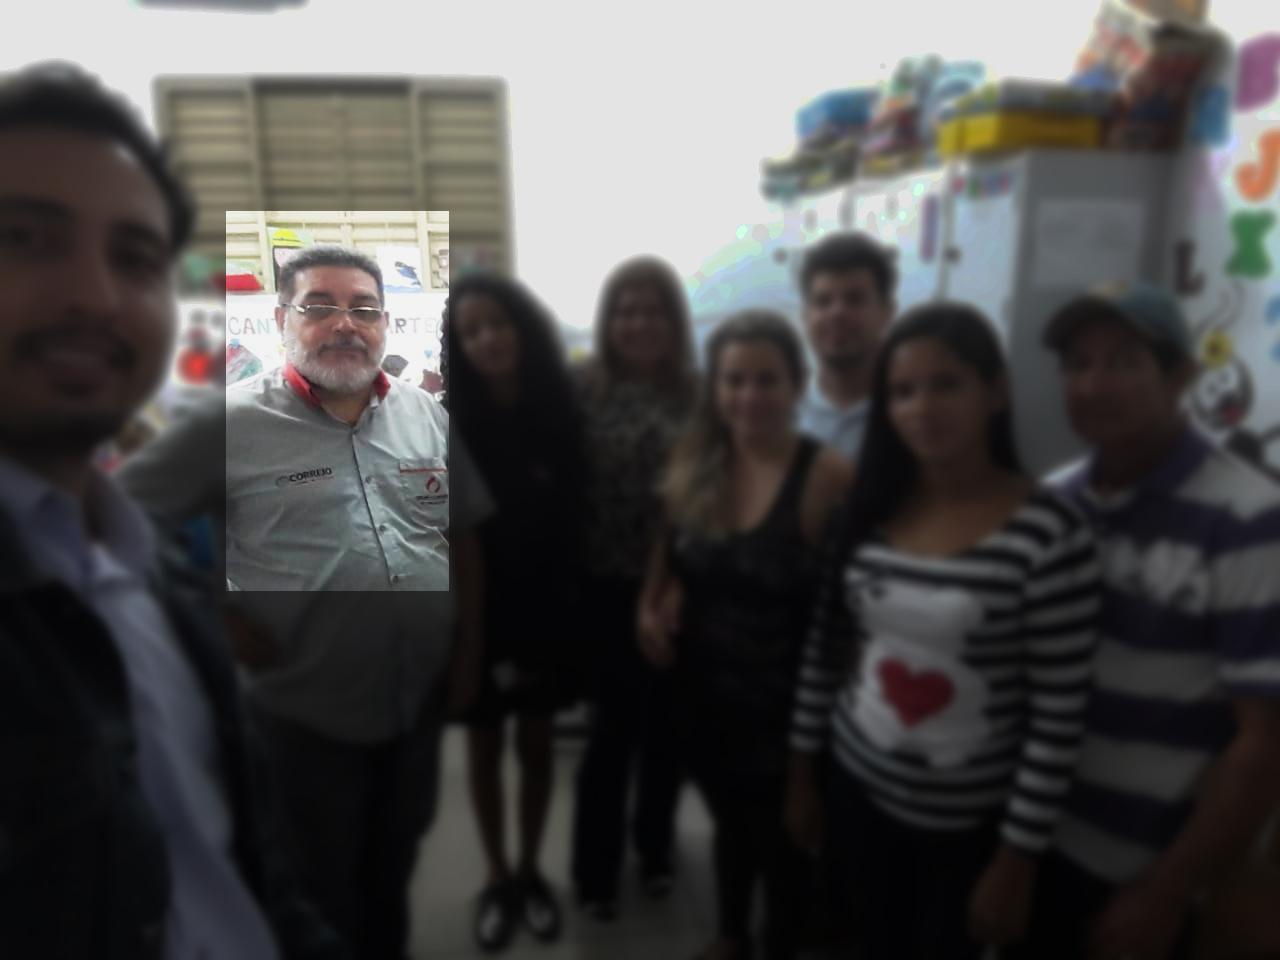 SERVIÇO DE ACOLHIMENTO FAMILIAR SE DESPEDE DE ADILSON JORGE POLTRONIERE